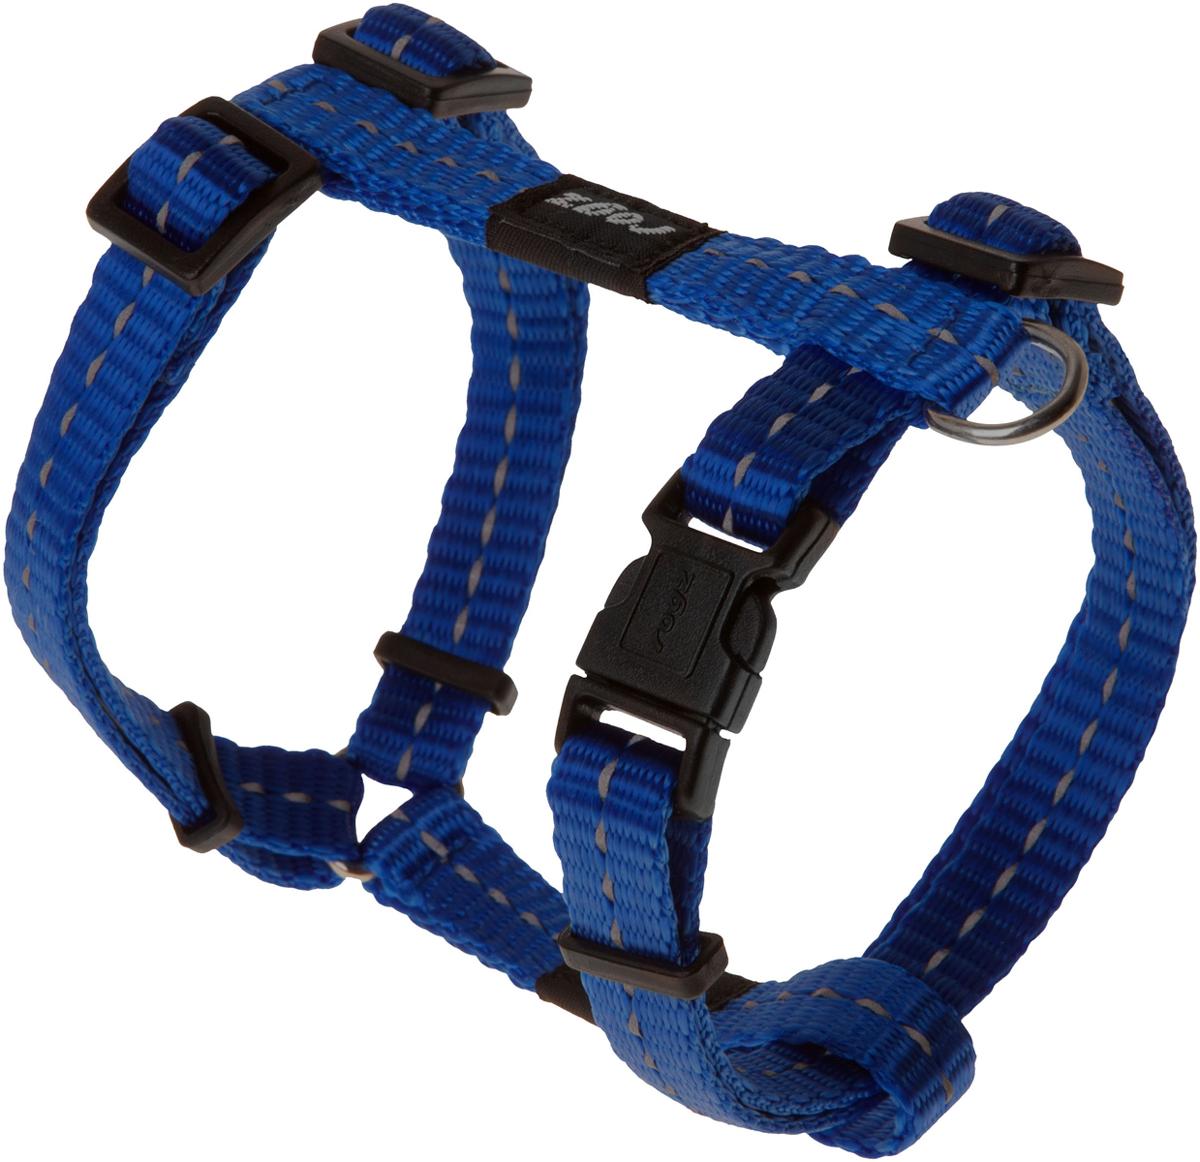 Шлейка для собак Rogz  Utility , цвет: синий, ширина 1,1 см. Размер S - Товары для прогулки и дрессировки (амуниция)